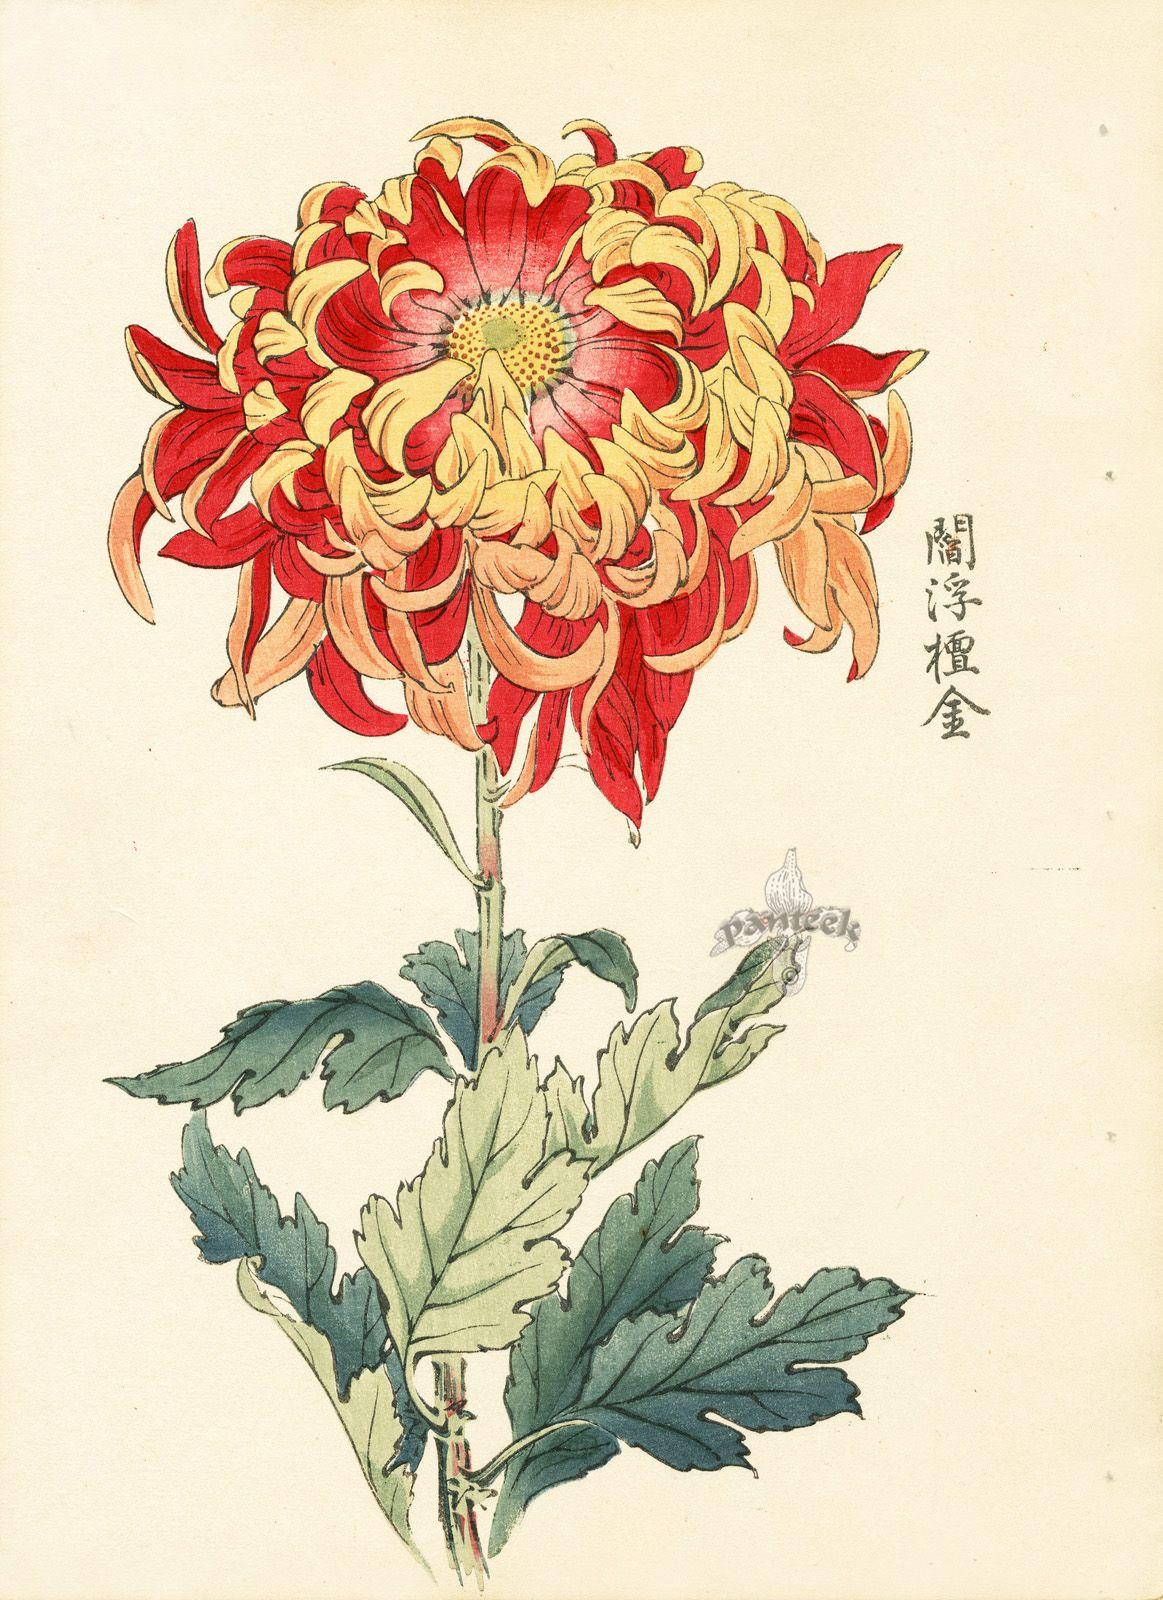 Keika Hasegawa Chrysanthemum Wood Block Prints 1893 Ilustracion Japonesa Arte Japones Arte De Ilustracion